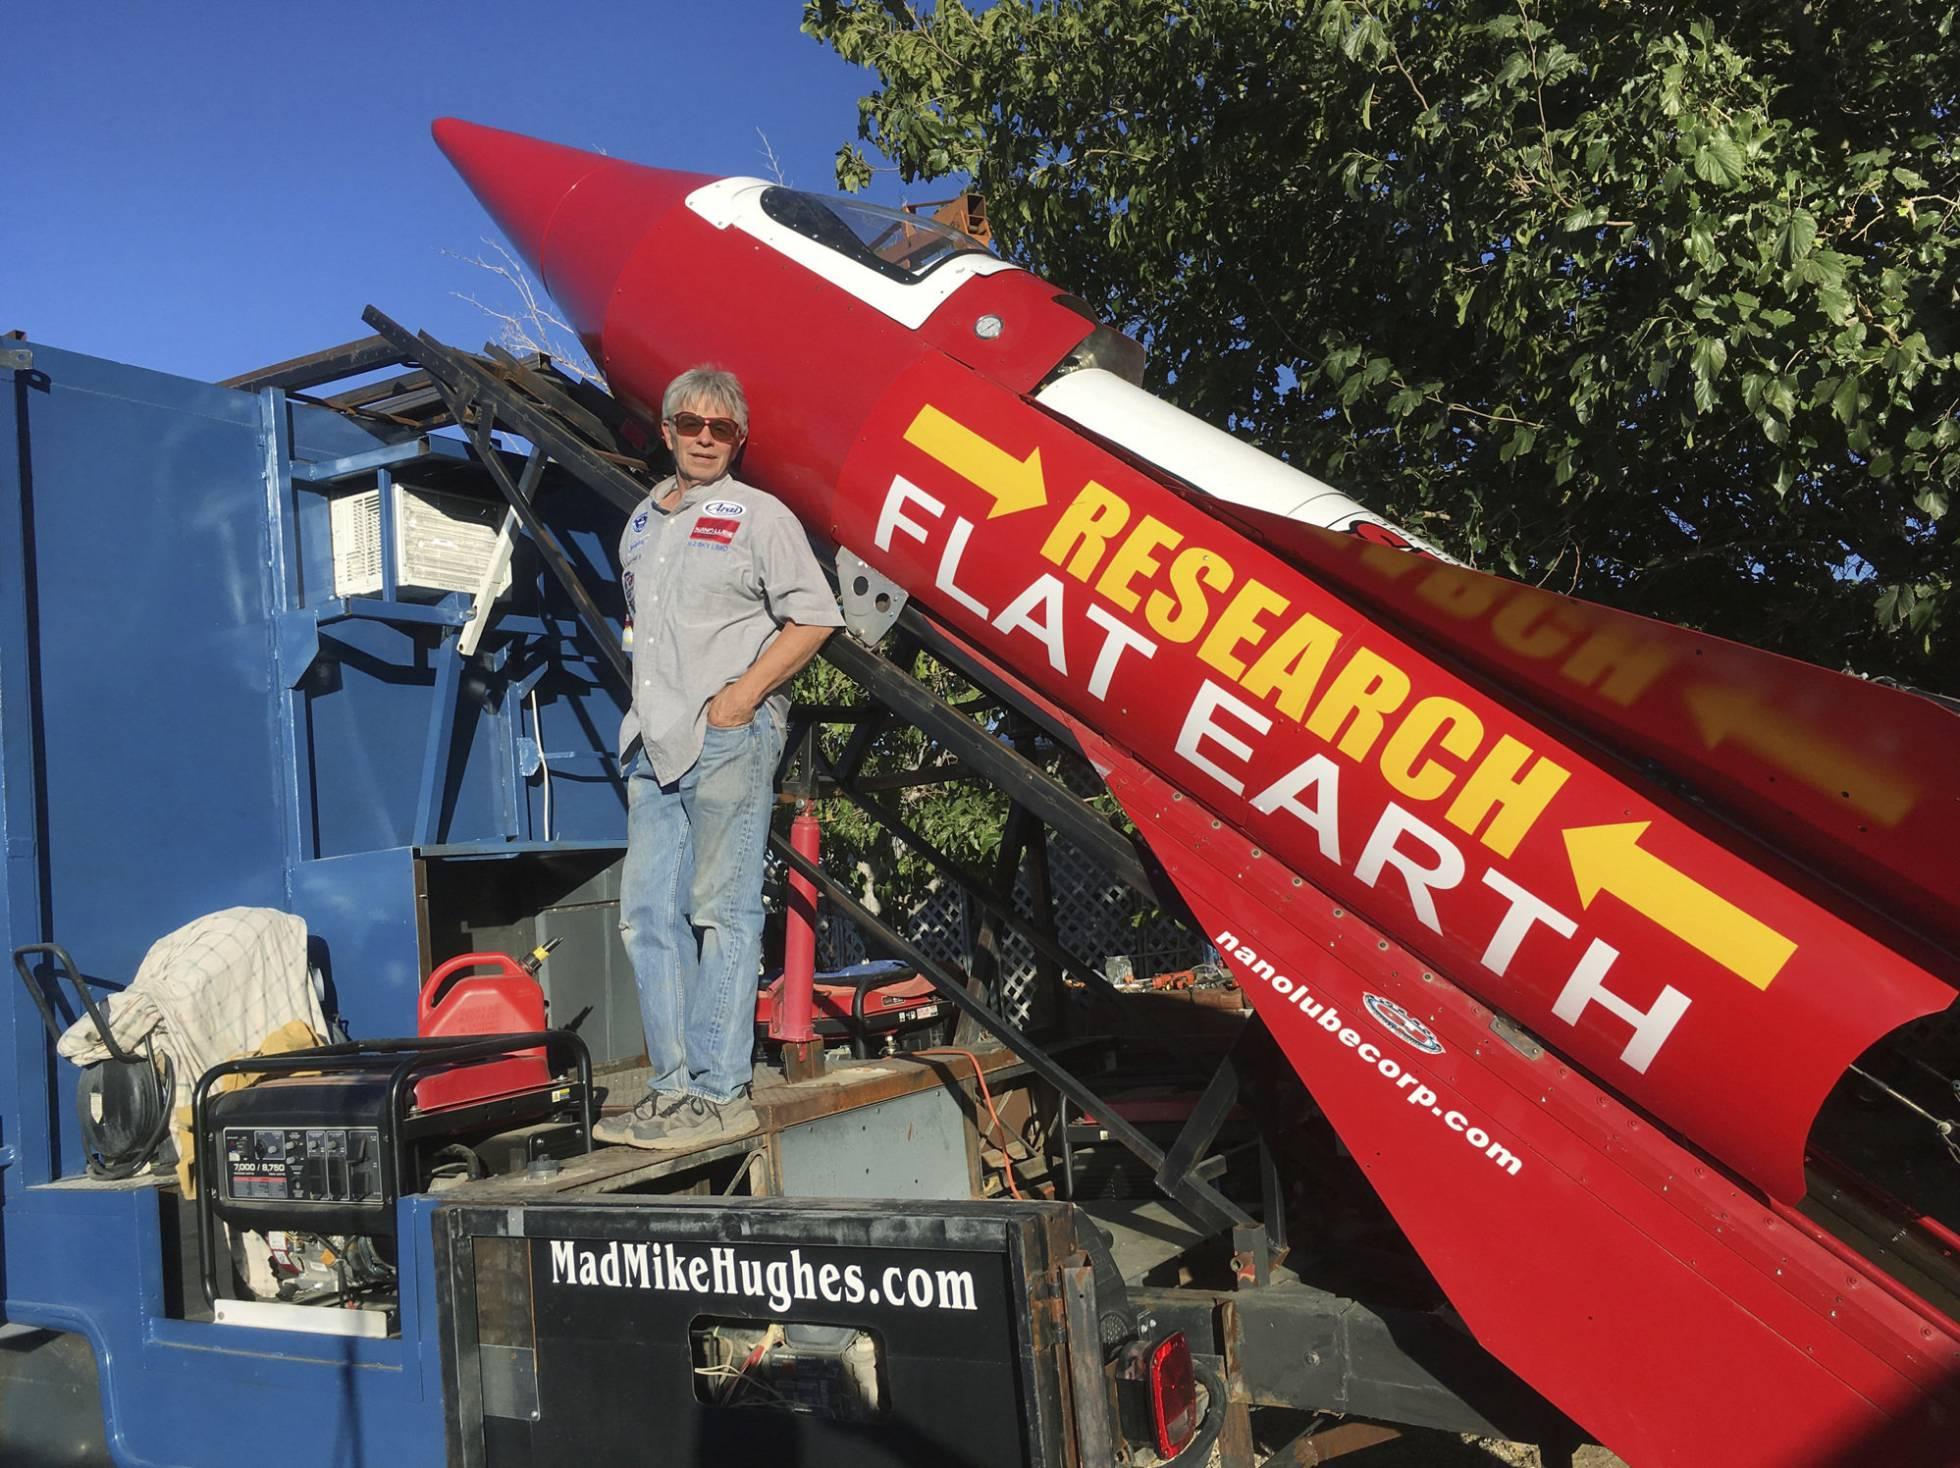 Un hombre se lanzará en un cohete casero para intentar demostrar que la Tierra es plana 1511348042_449549_1511348150_noticia_normal_recorte1